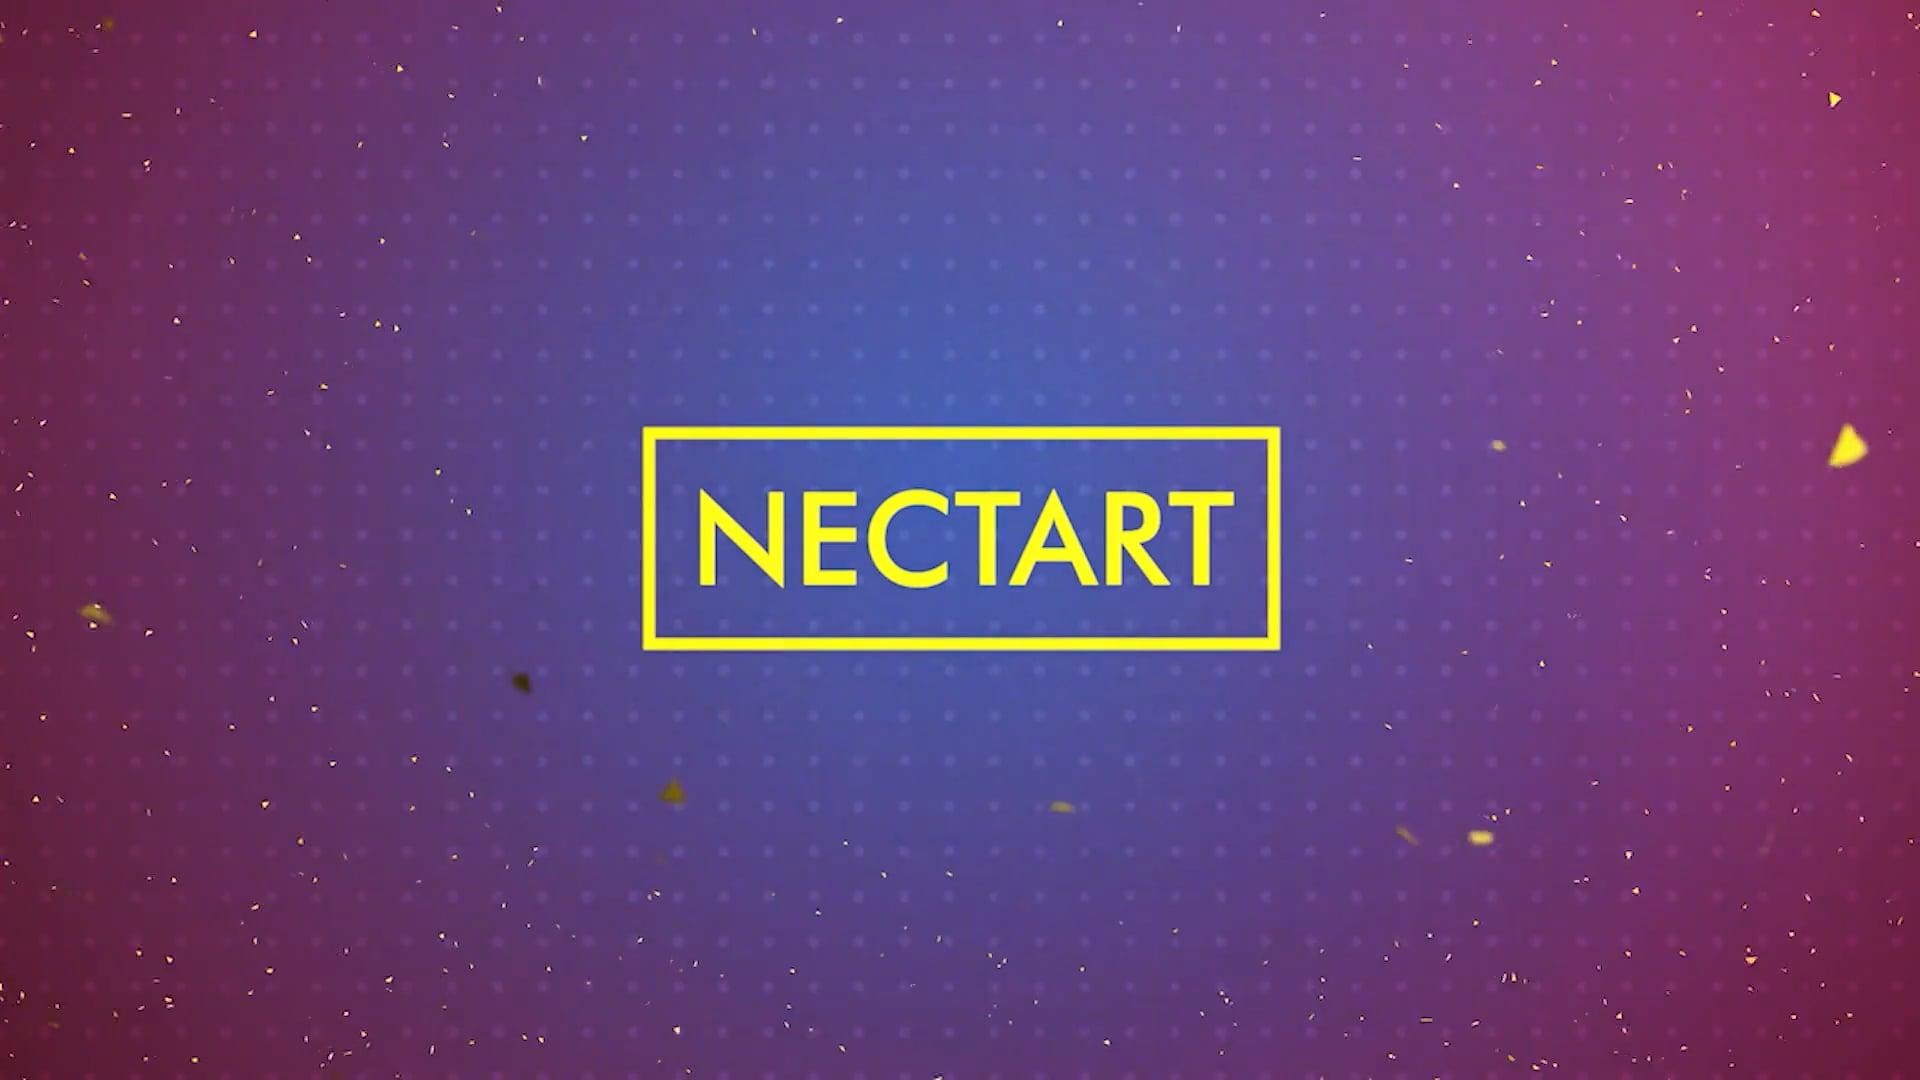 Nectart Motion Design Integration